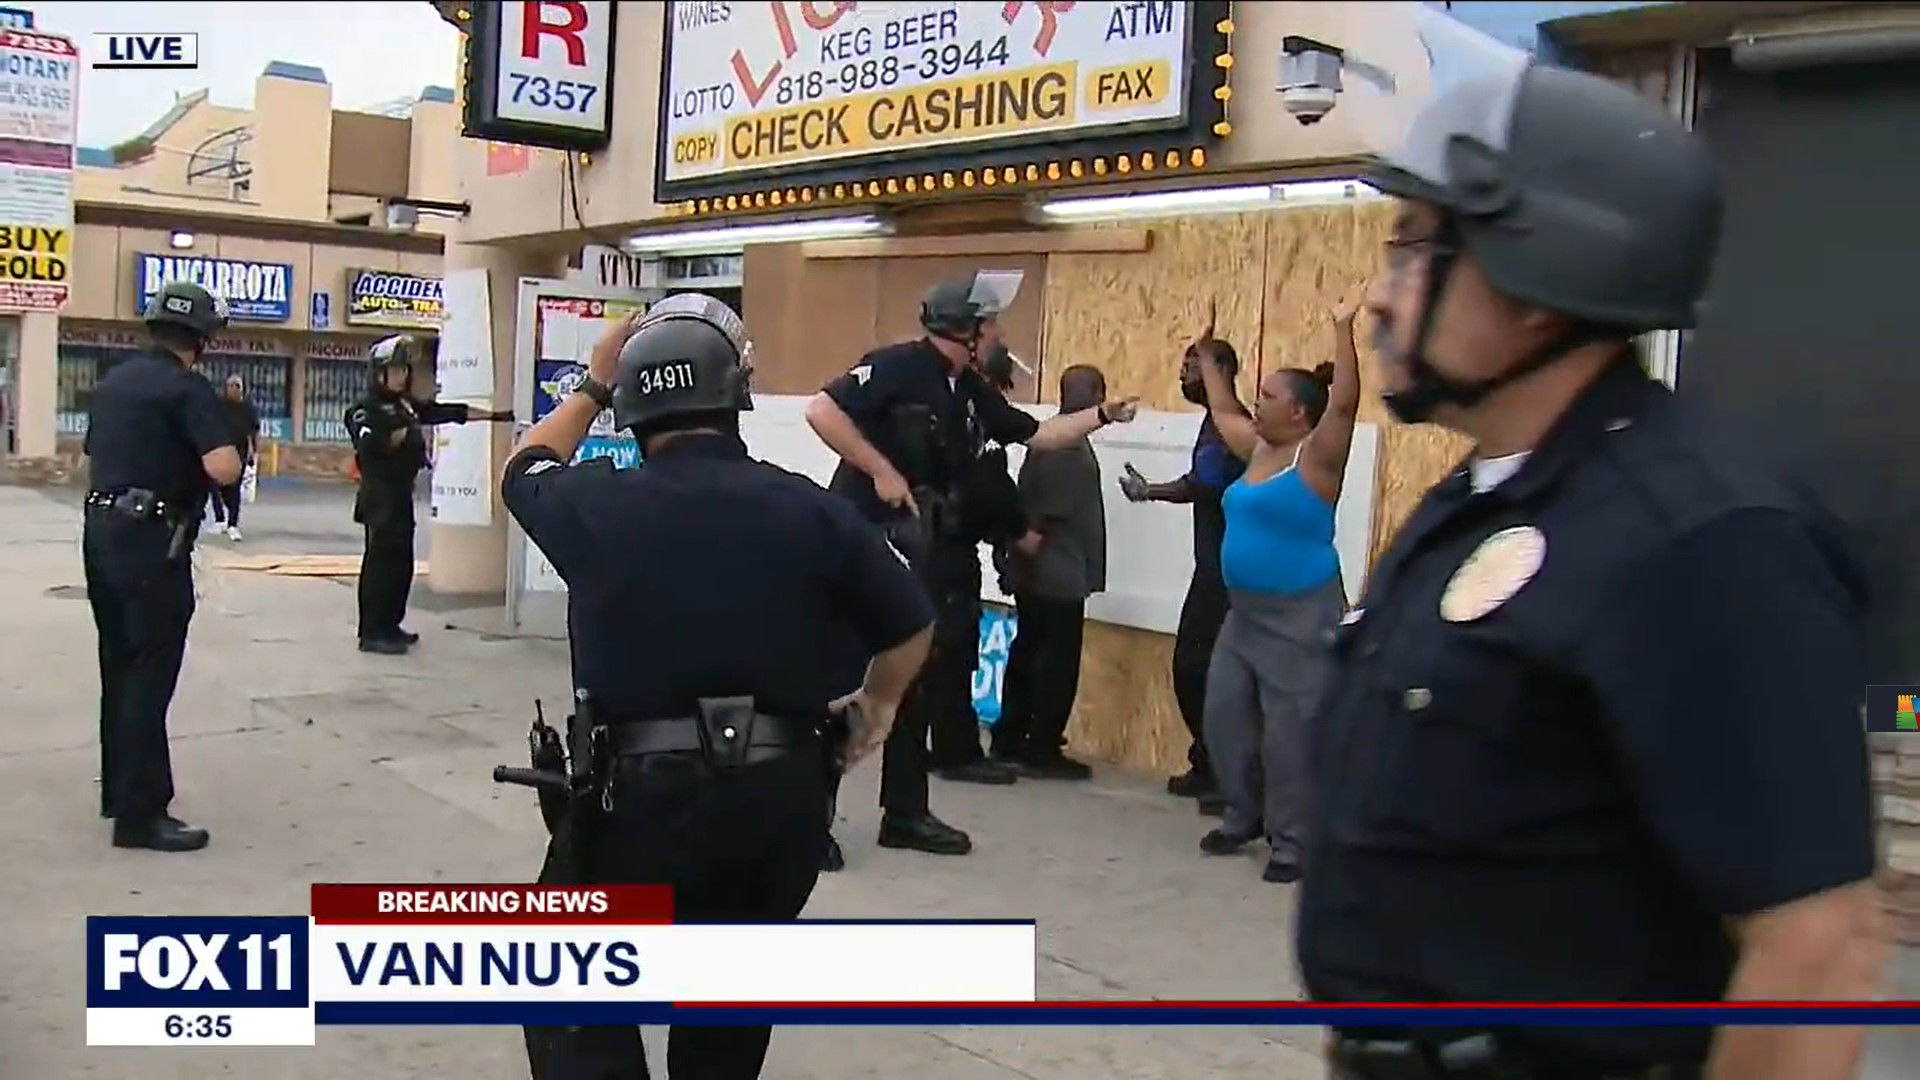 """""""Ne őket bilincseljék meg, ők a boltot védik!"""" - kiabálta élő adásban a riporter a rendőröknek"""